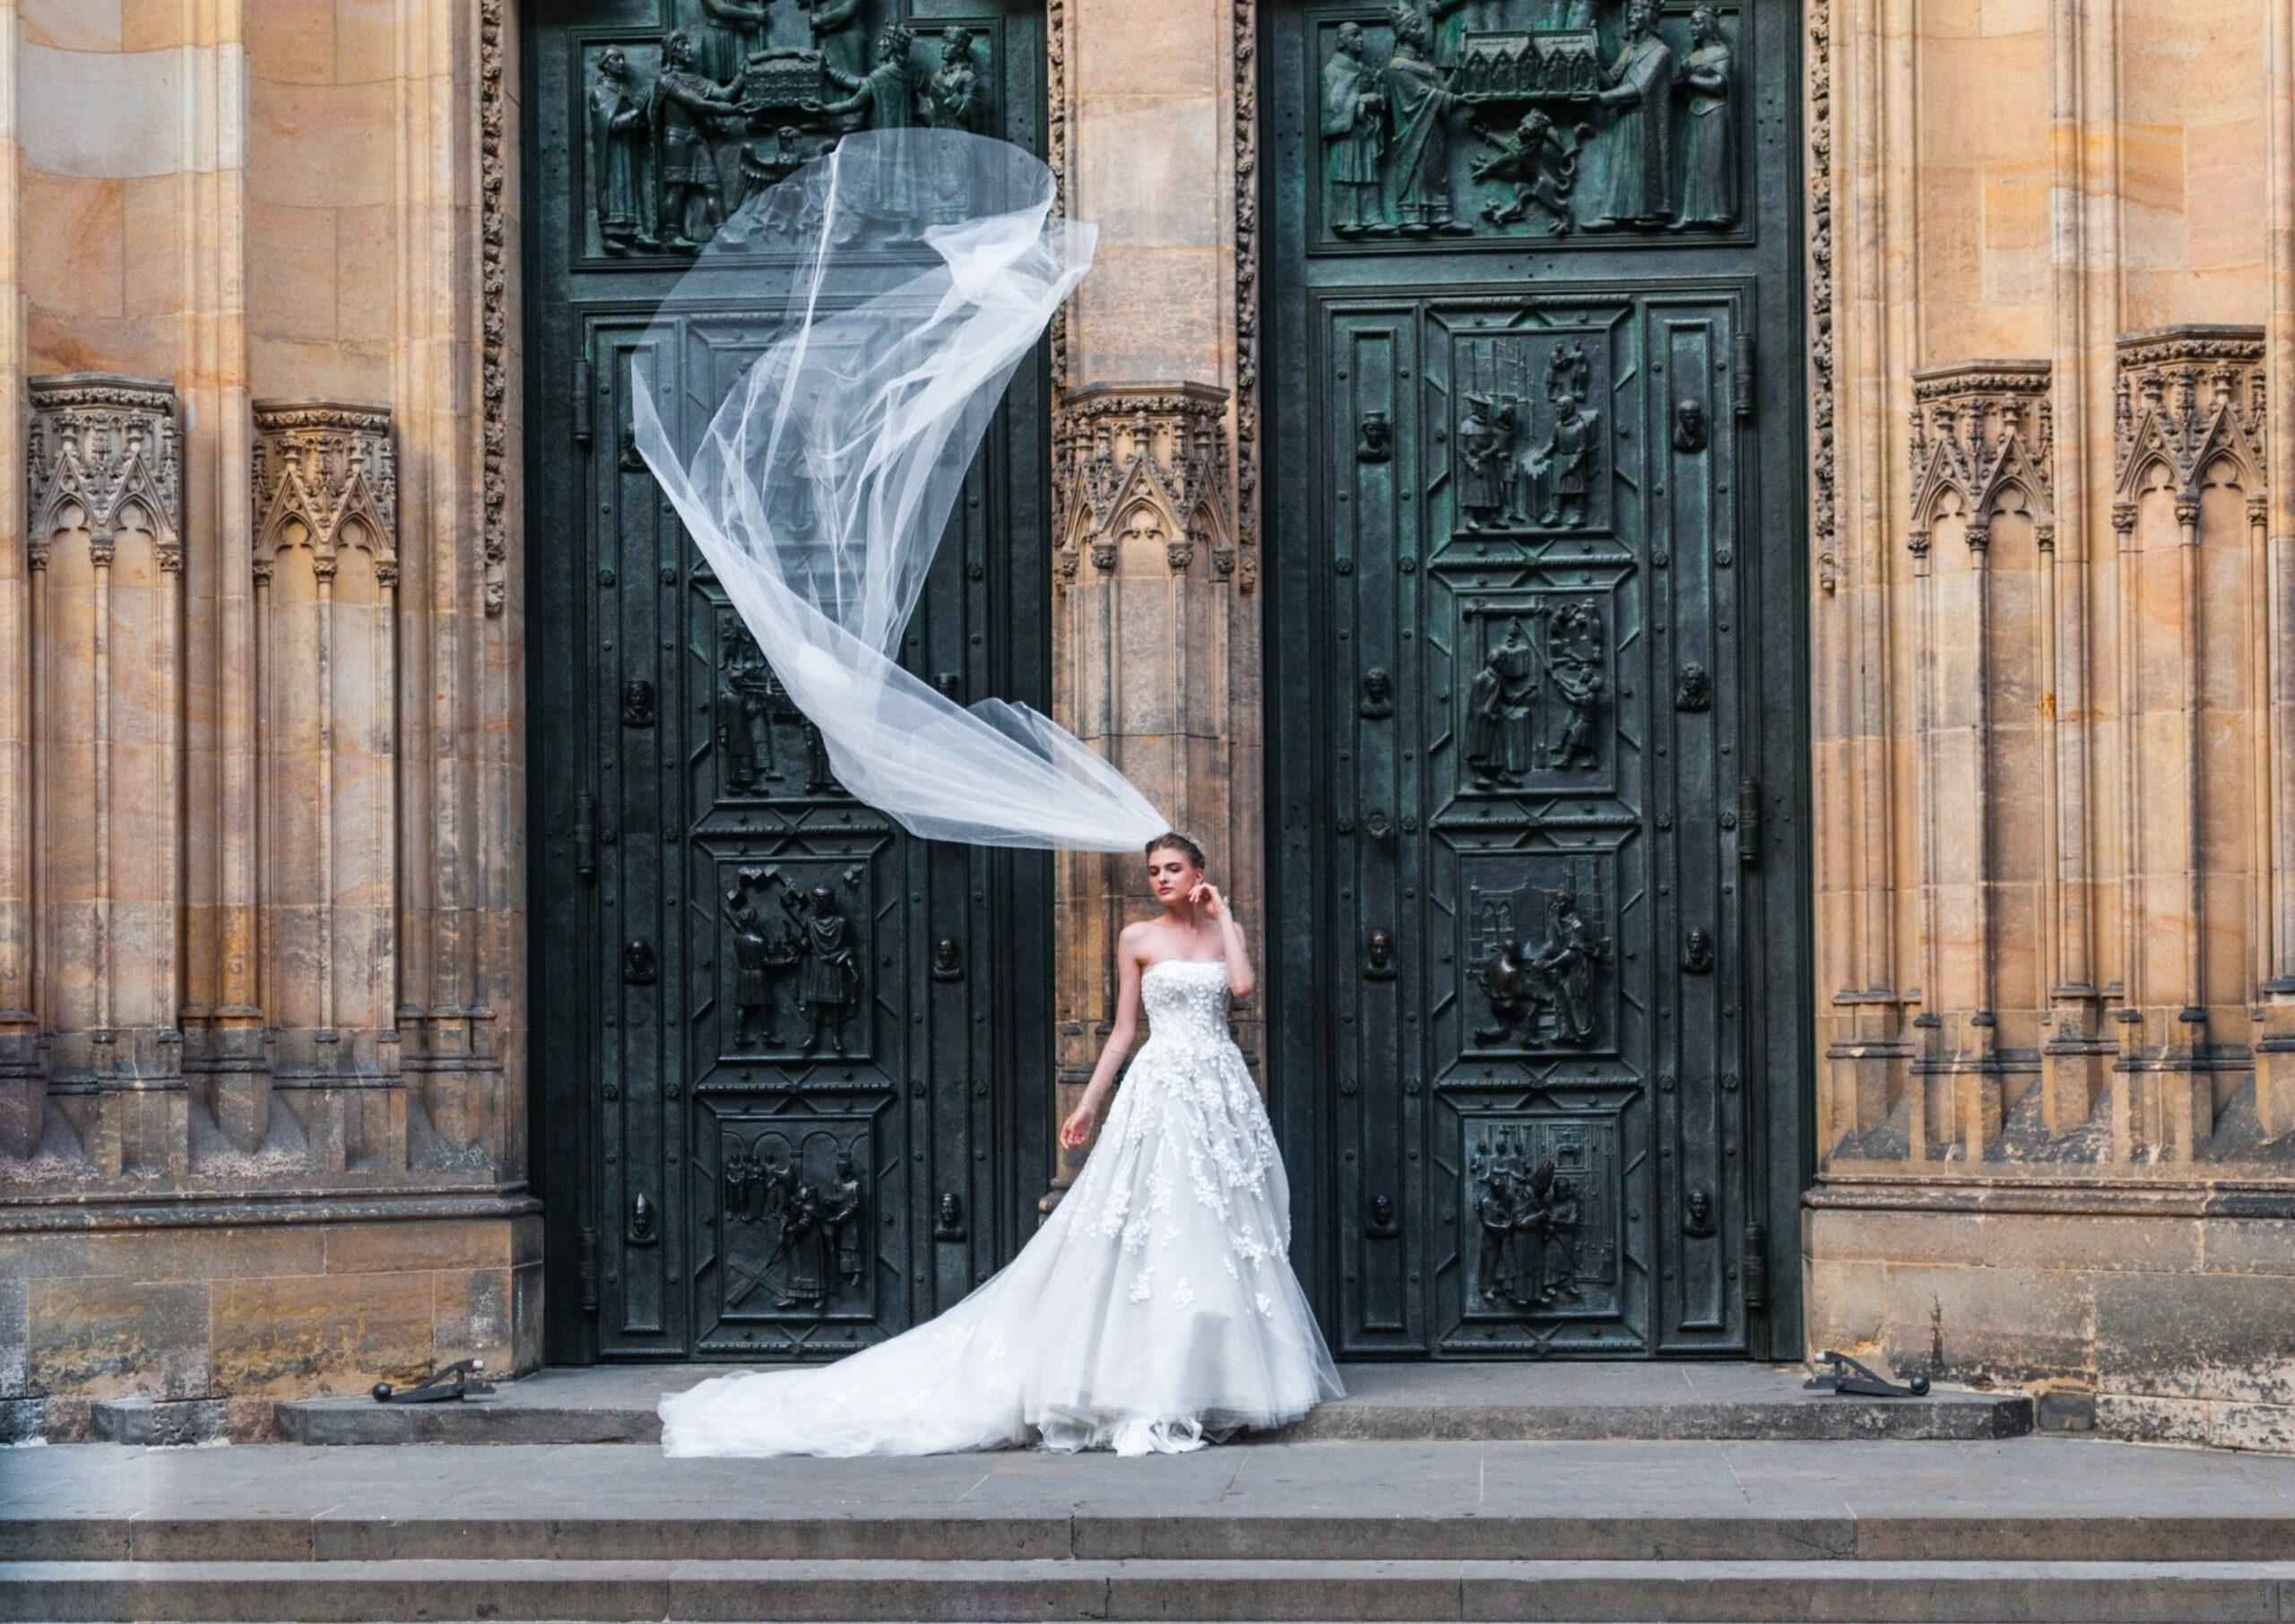 Eltern von brautpaar hochzeitswünsche den das für Glueckwuensche Brauteltern